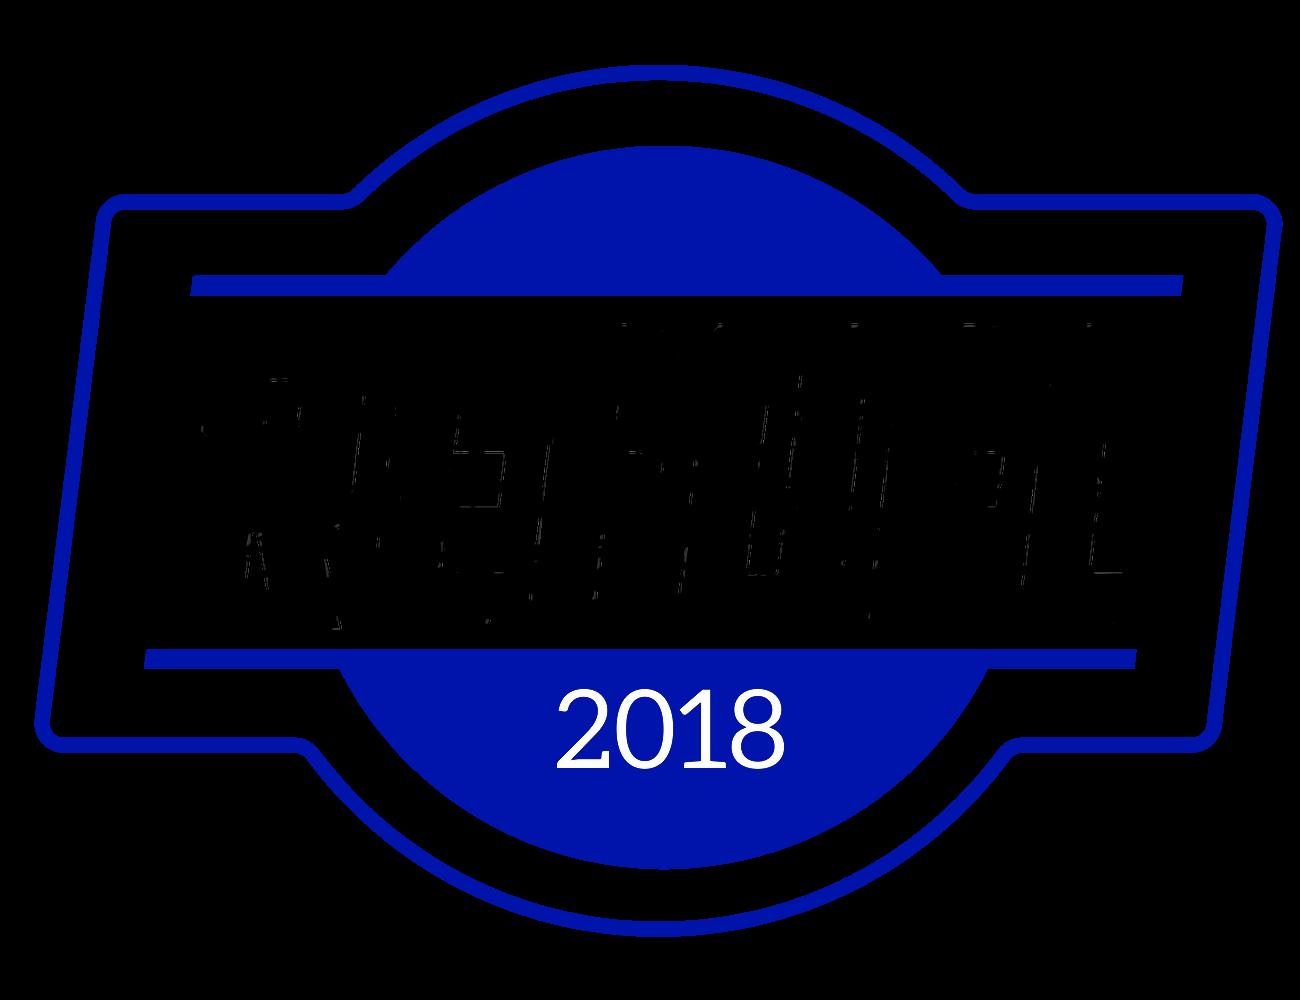 Blue final